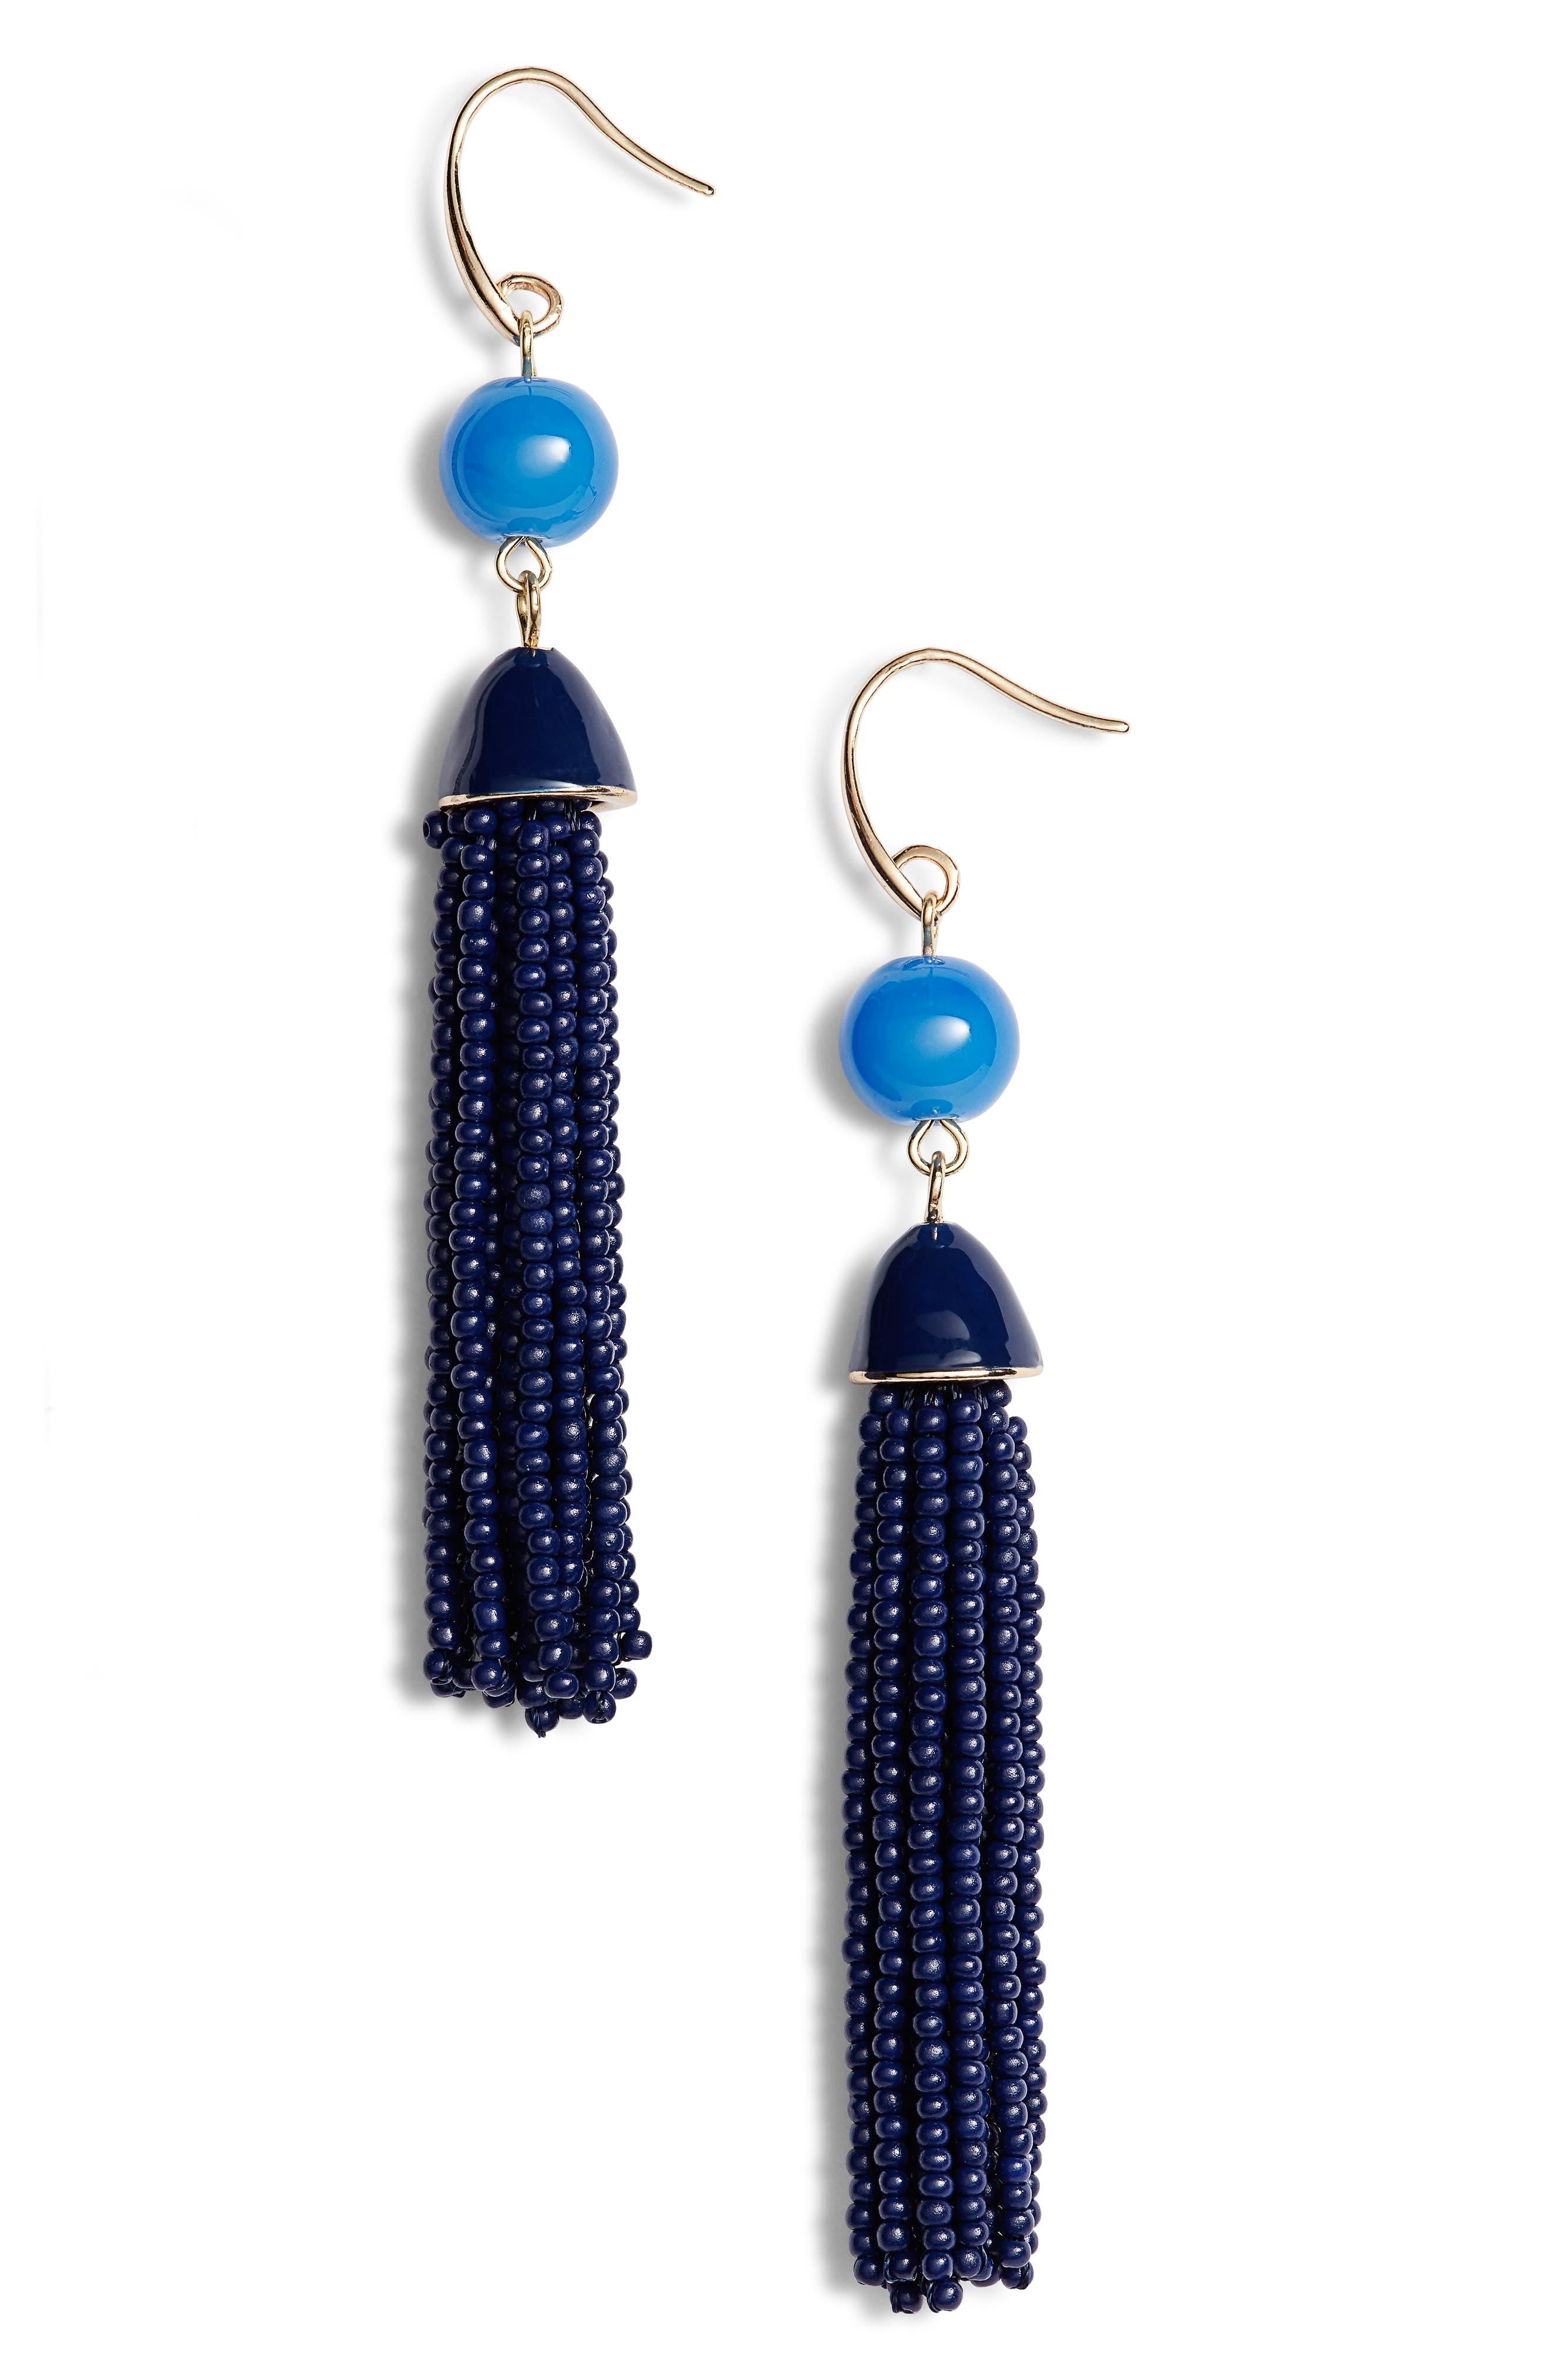 Beaded Tassel Drop Earrings,                             Main thumbnail 1, color,                             Navy- Gold